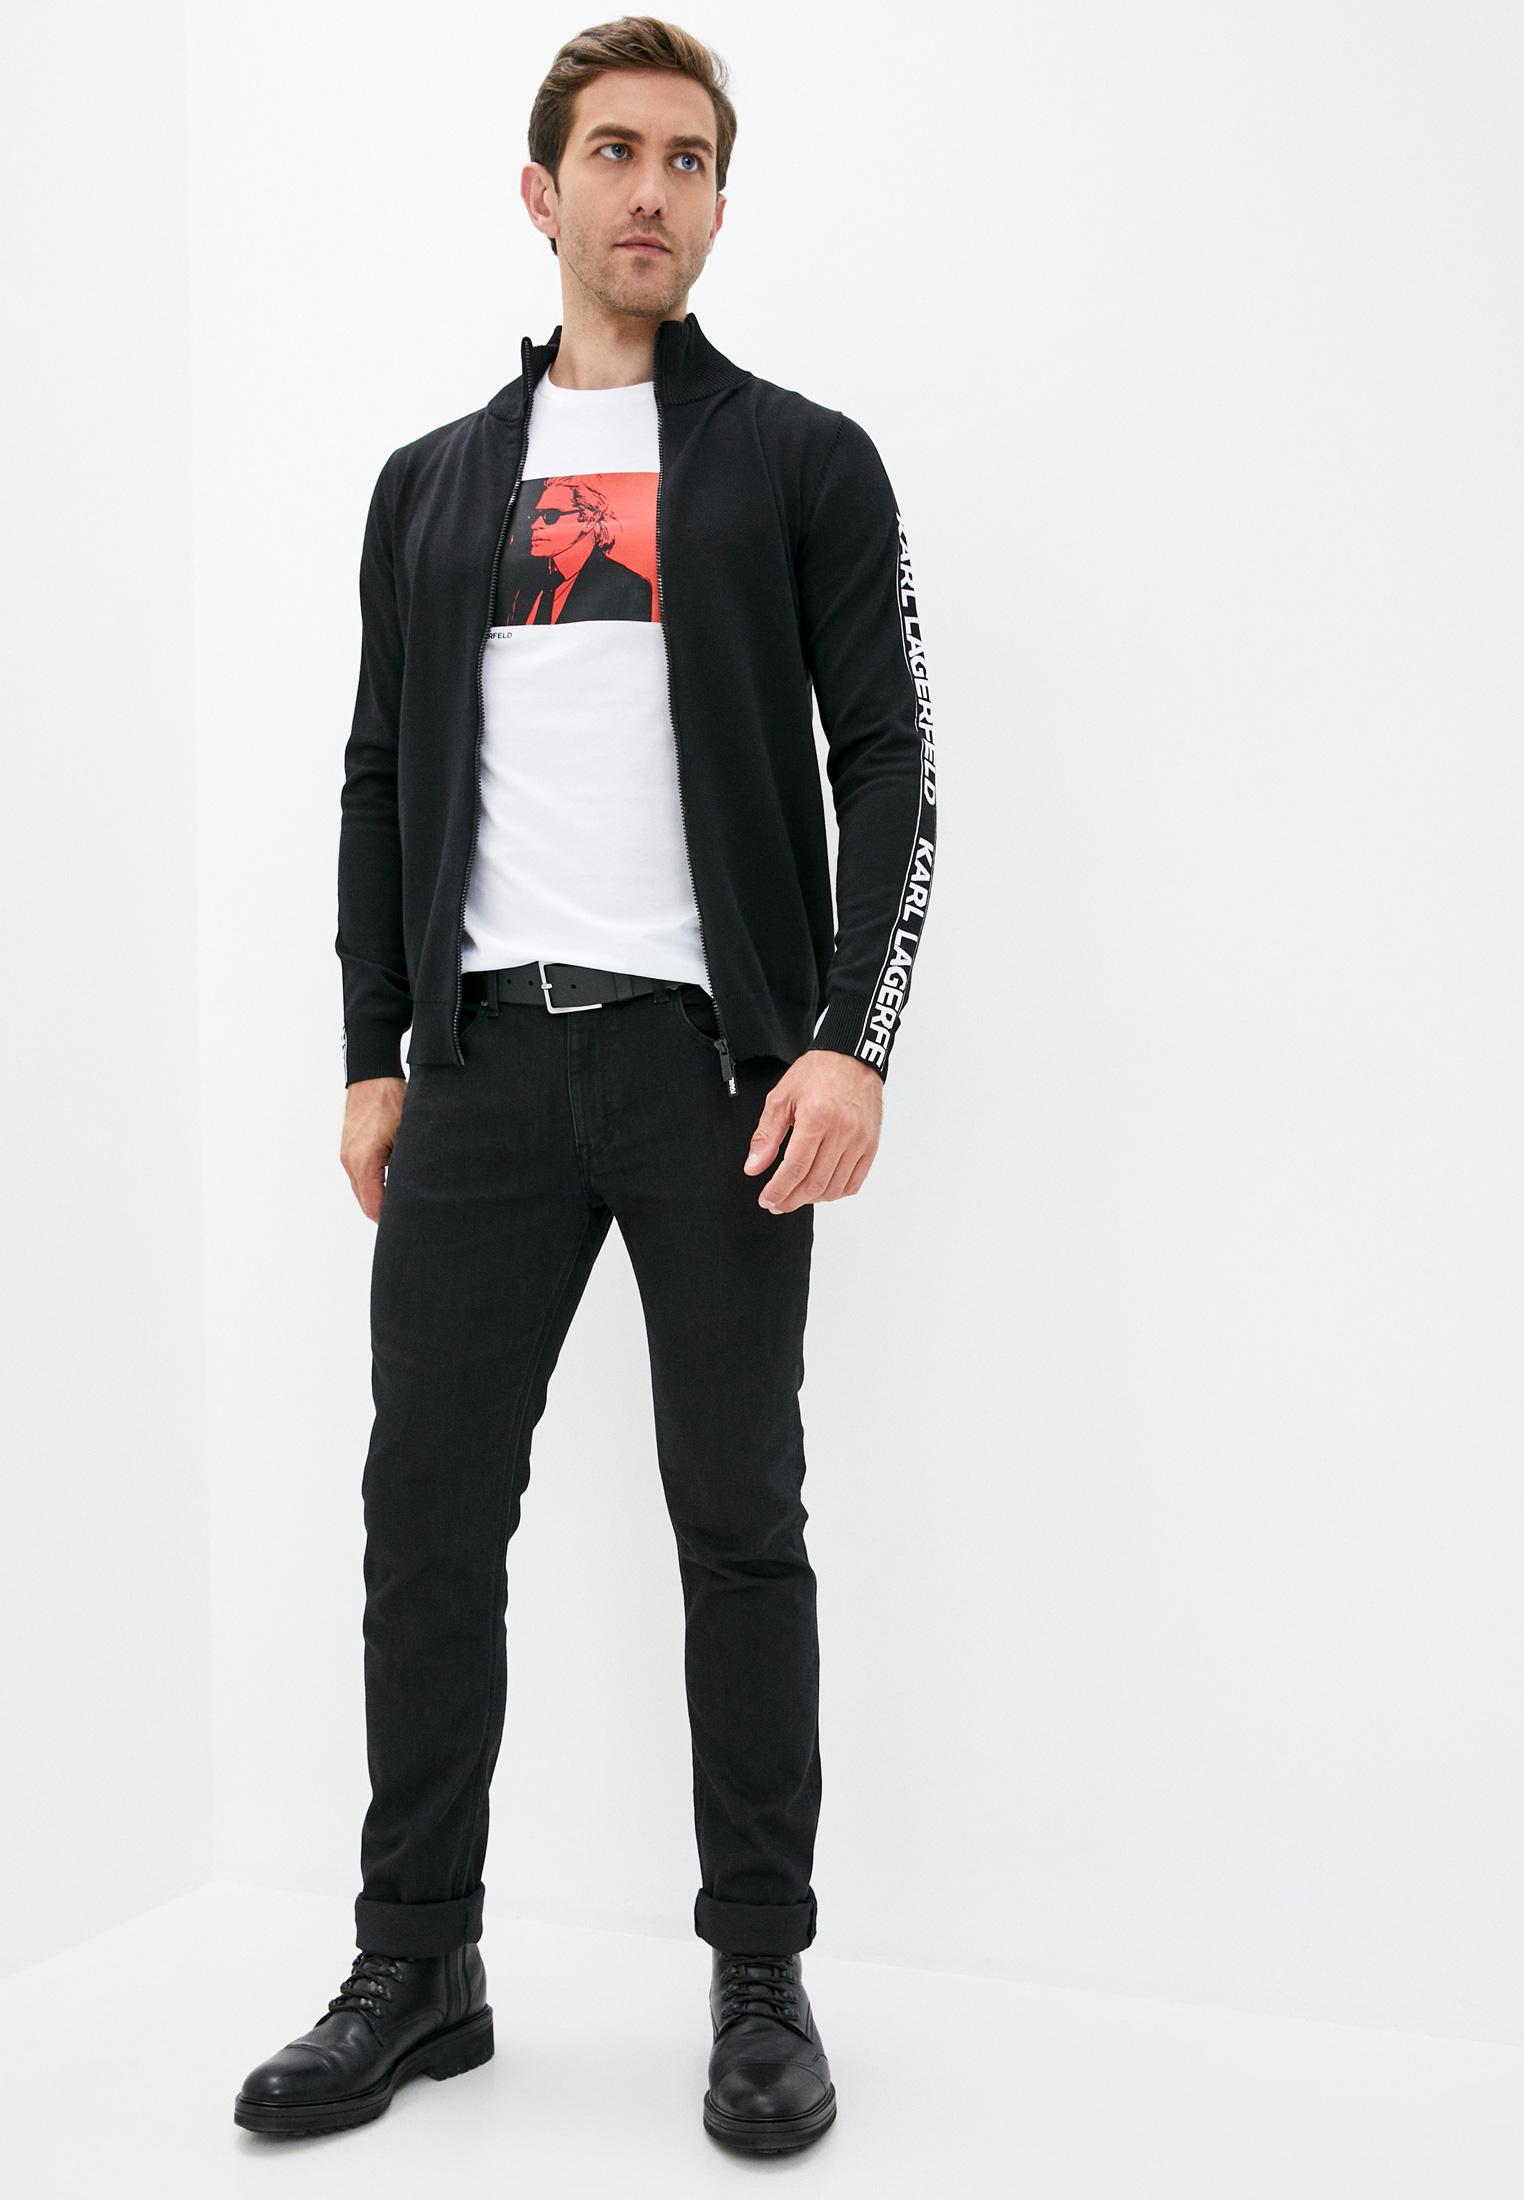 Кардиган Karl Lagerfeld 655029-502304